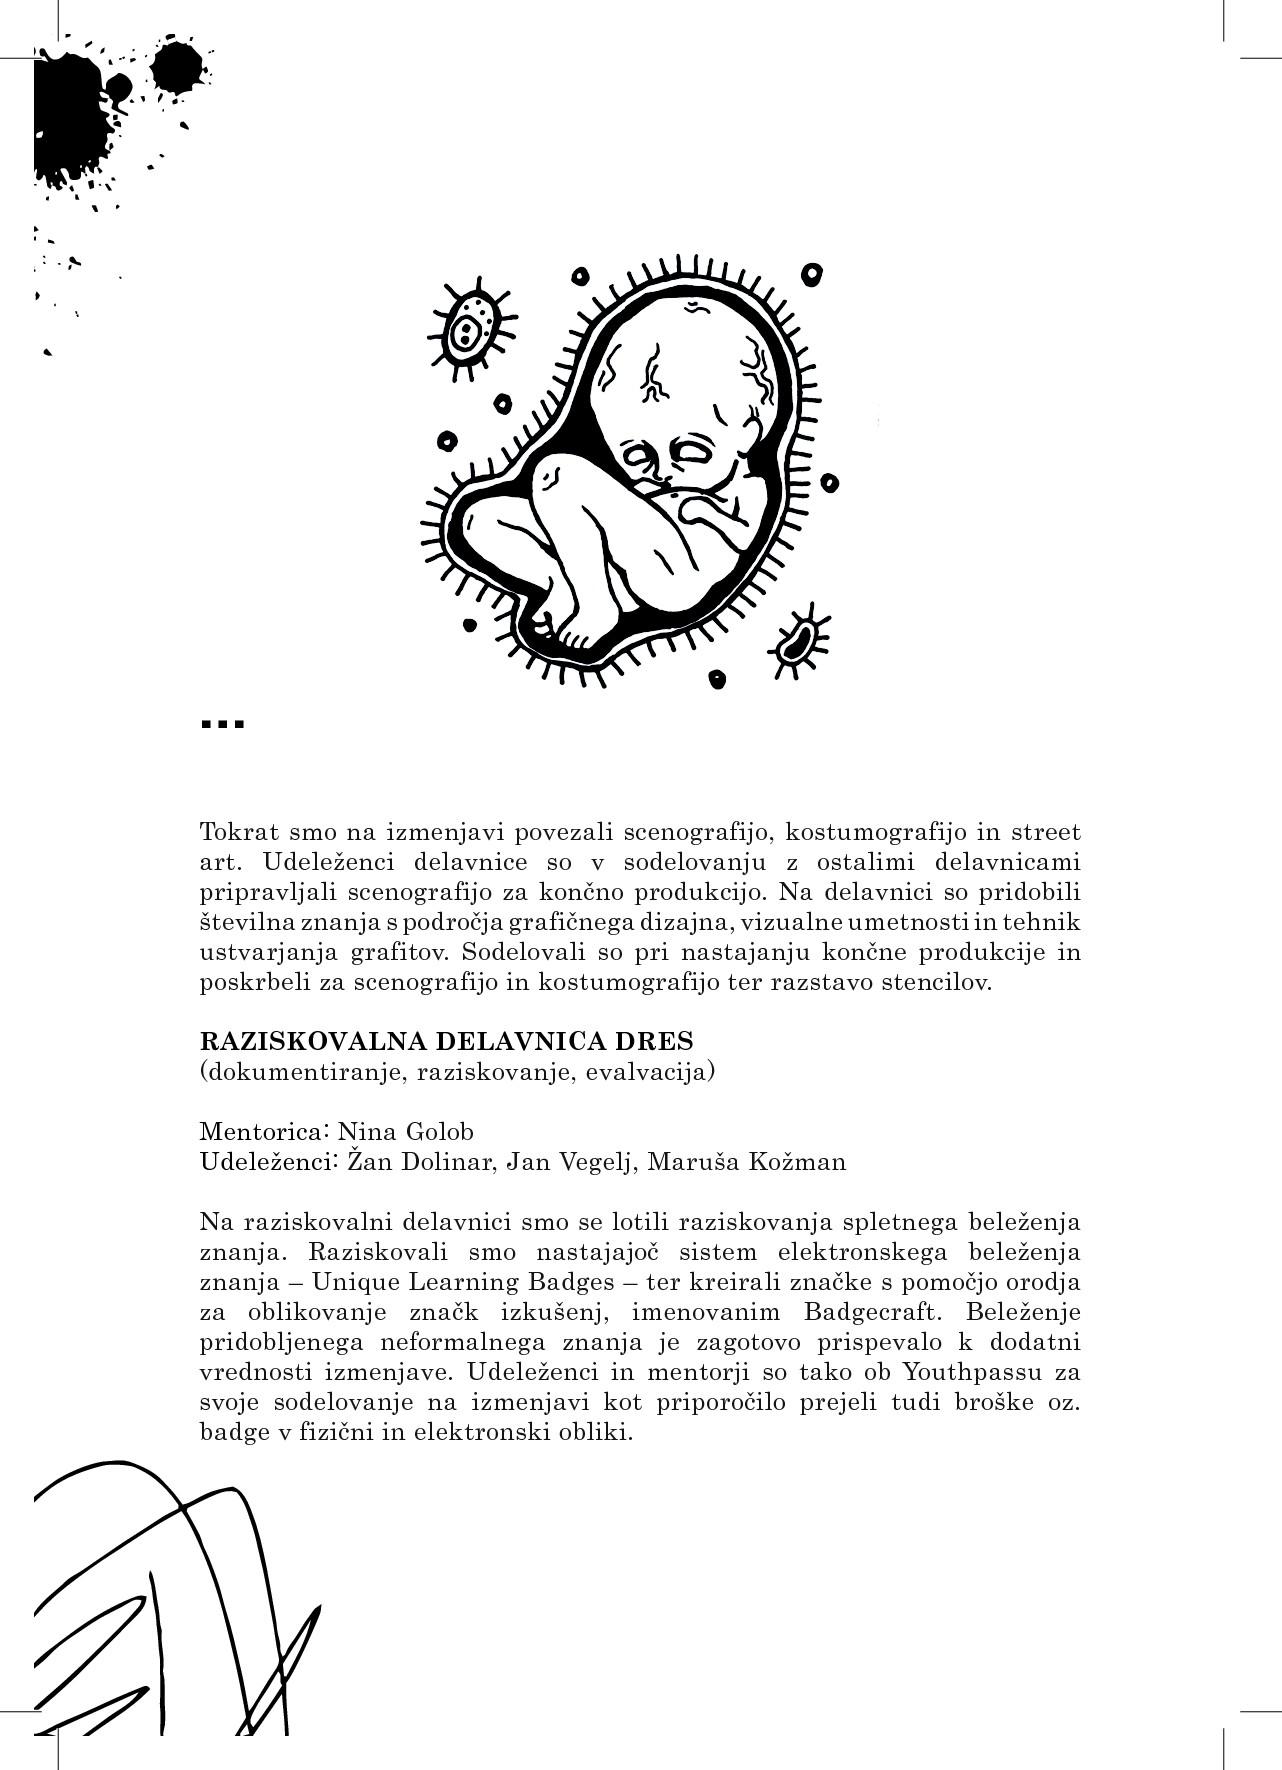 knjizica_biti_mlad-014-014.jpg